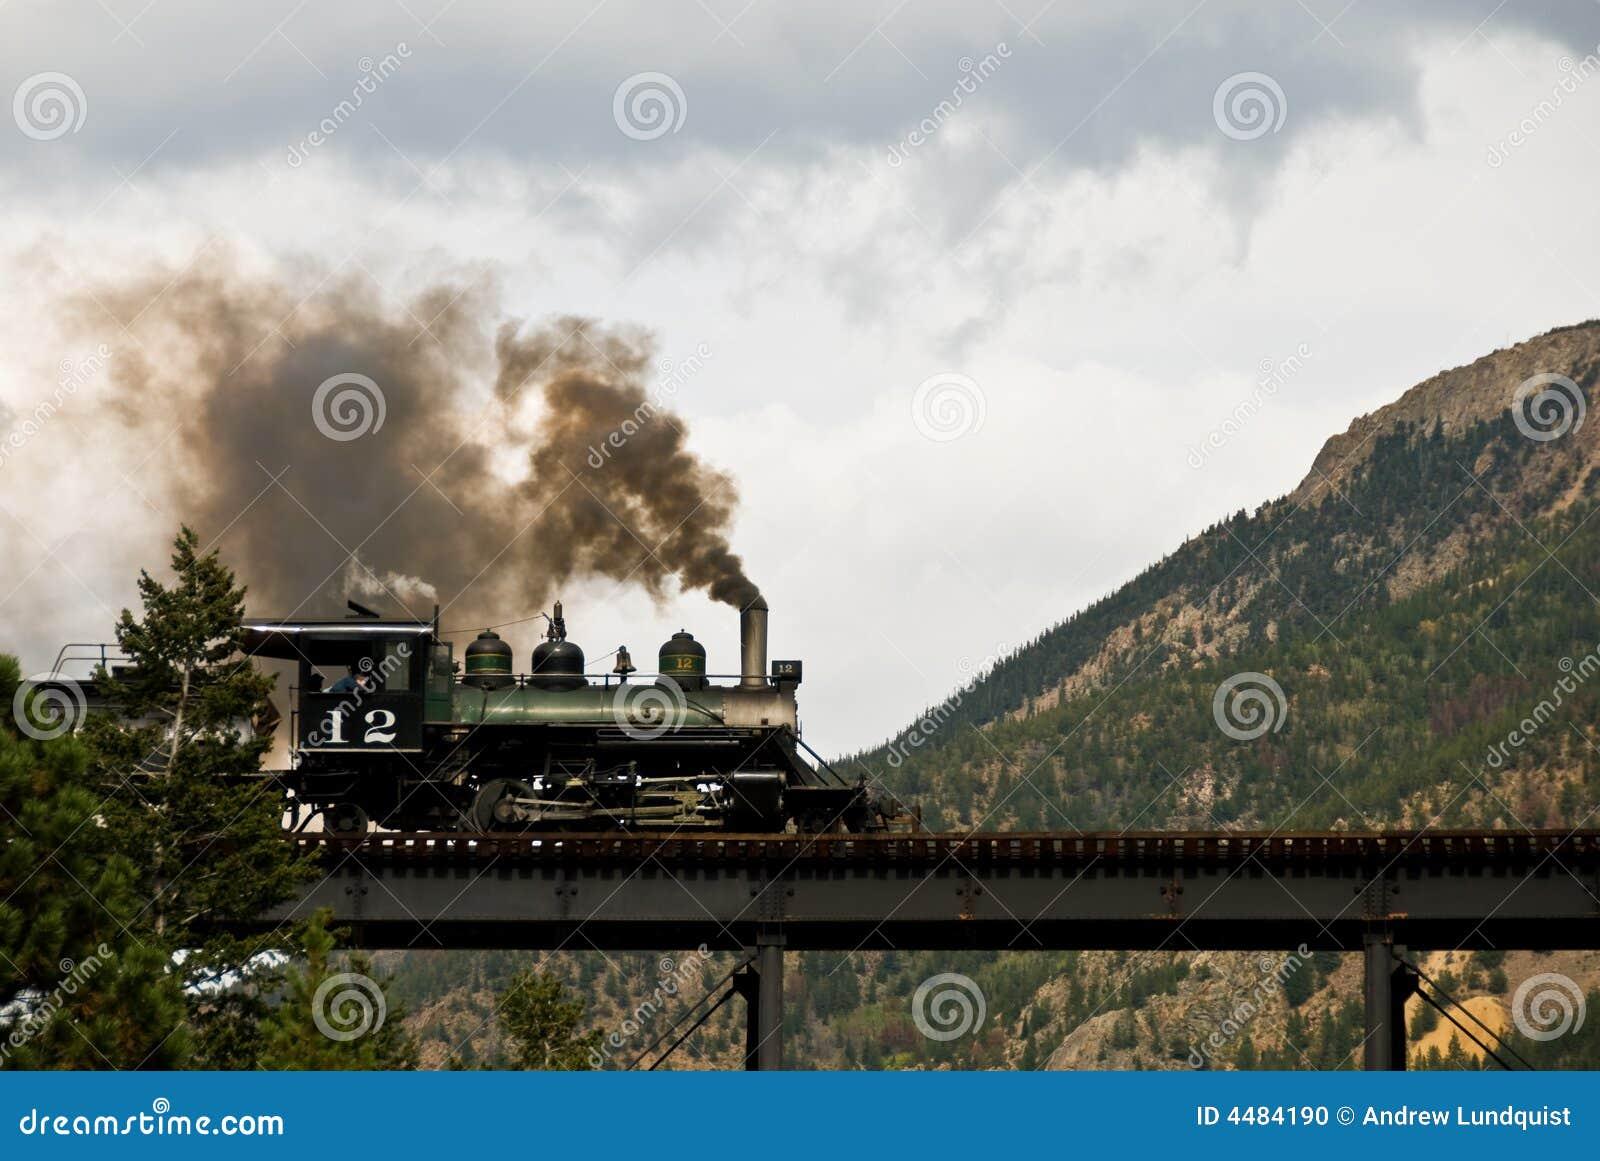 Machine à vapeur sur un pont en montagne